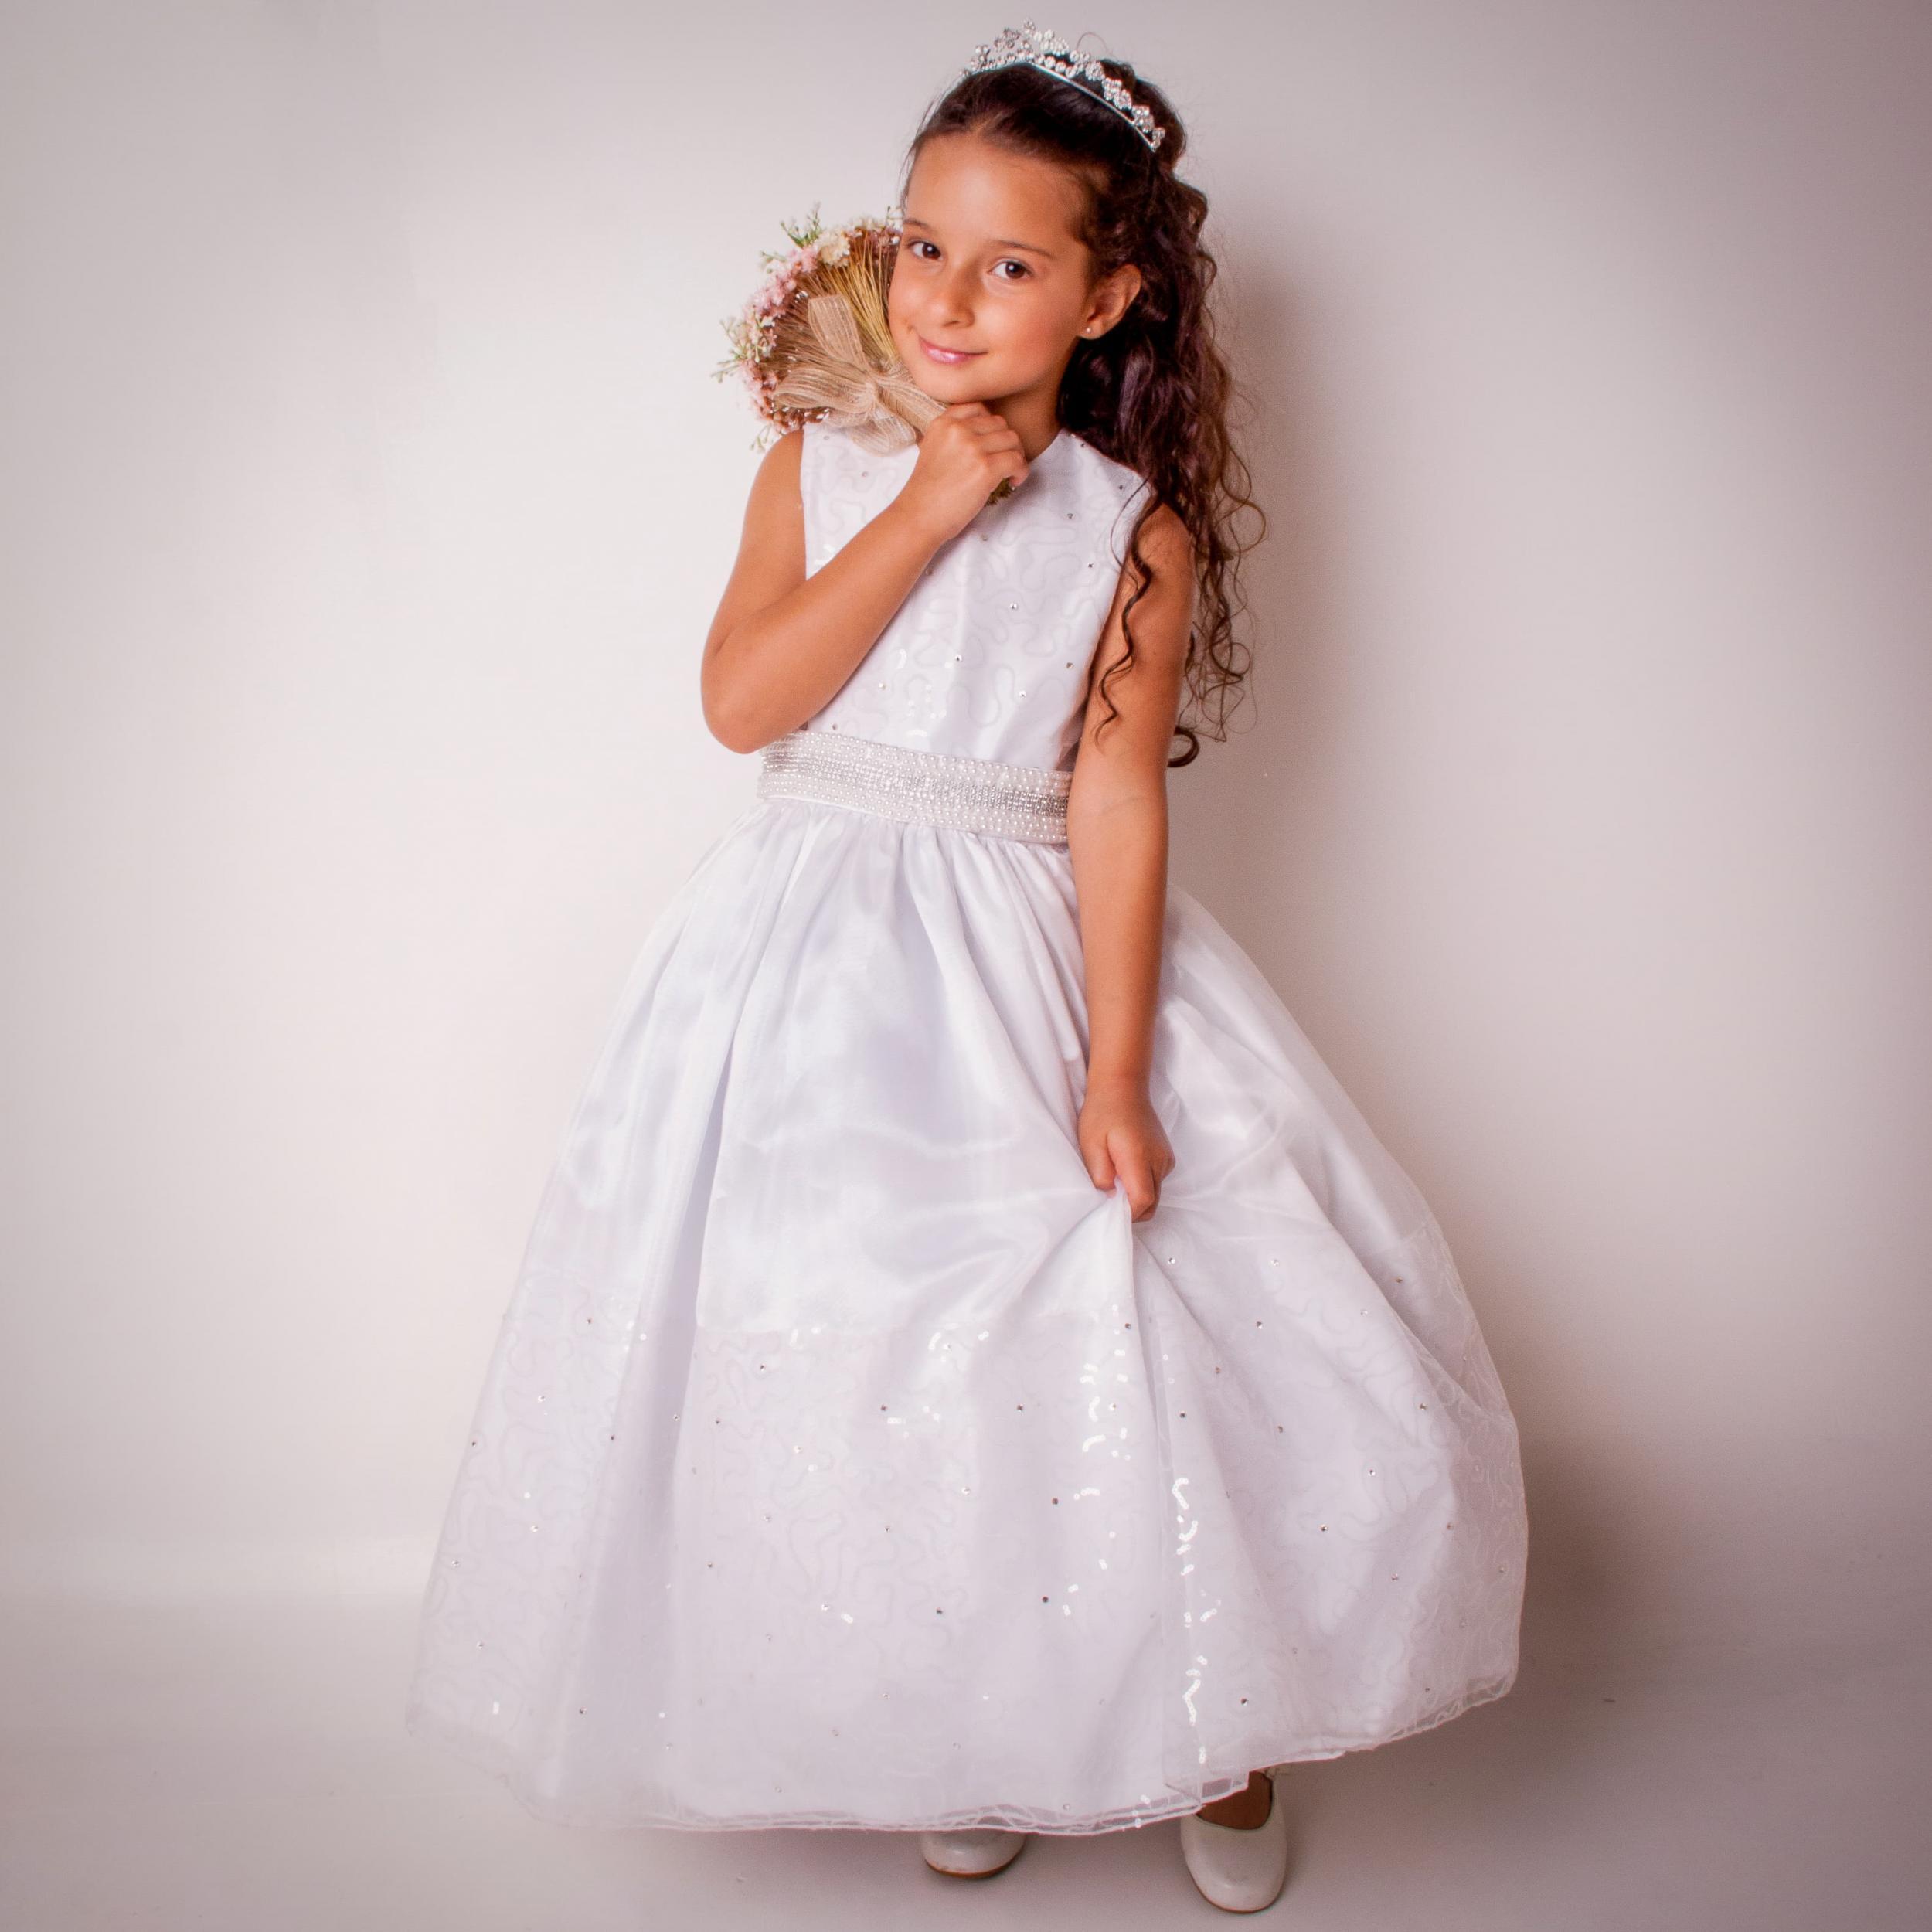 34 - Vestido de daminha com mini paetês e cinto bordado em pedraria